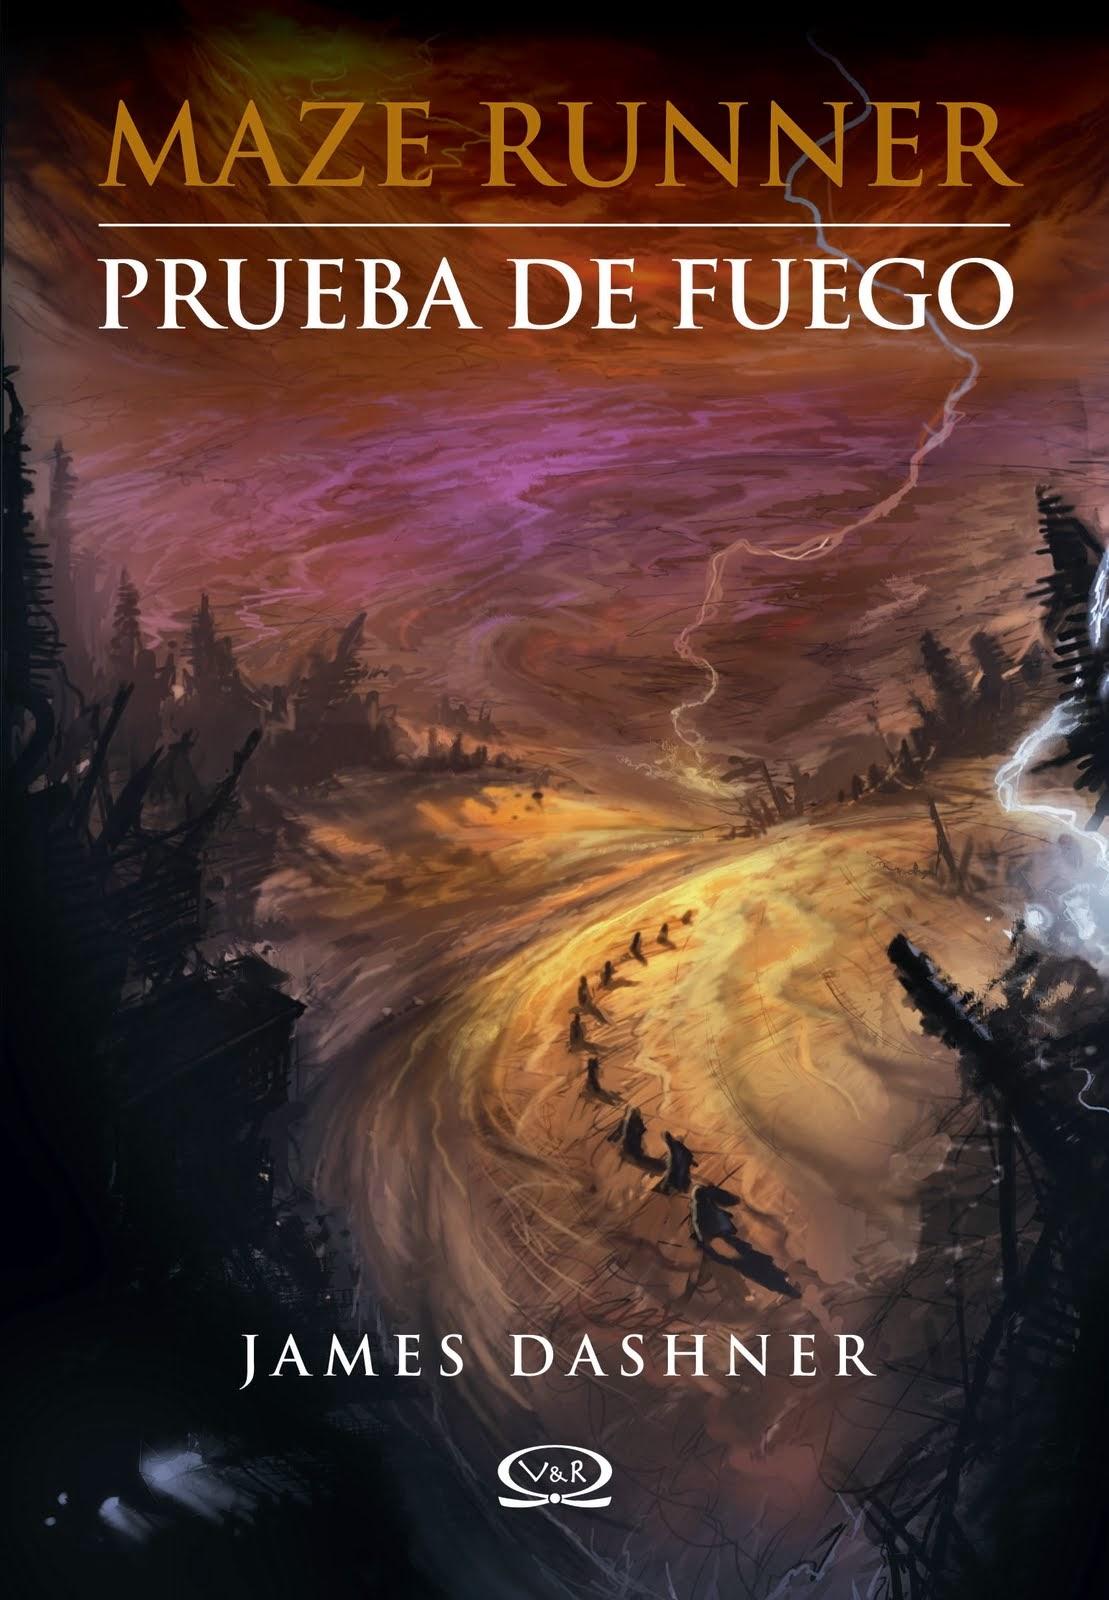 Reseña: Prueba de fuego de James Dashner